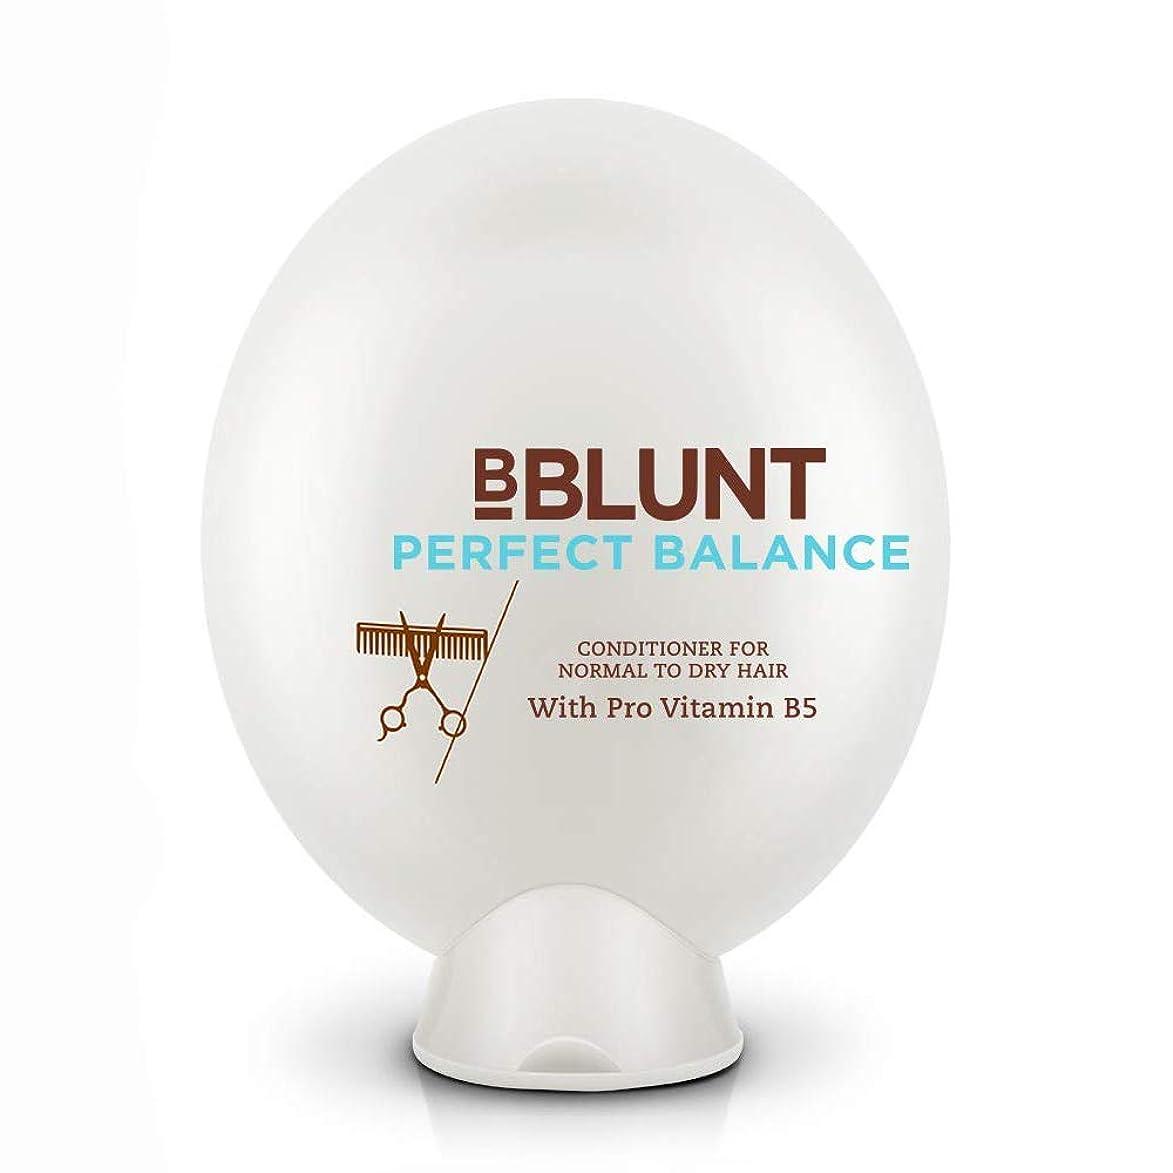 起訴する確かめるラベルBBLUNT Perfect Balance Conditioner for Normal To Dry Hair, 200g (Provitamin B5)